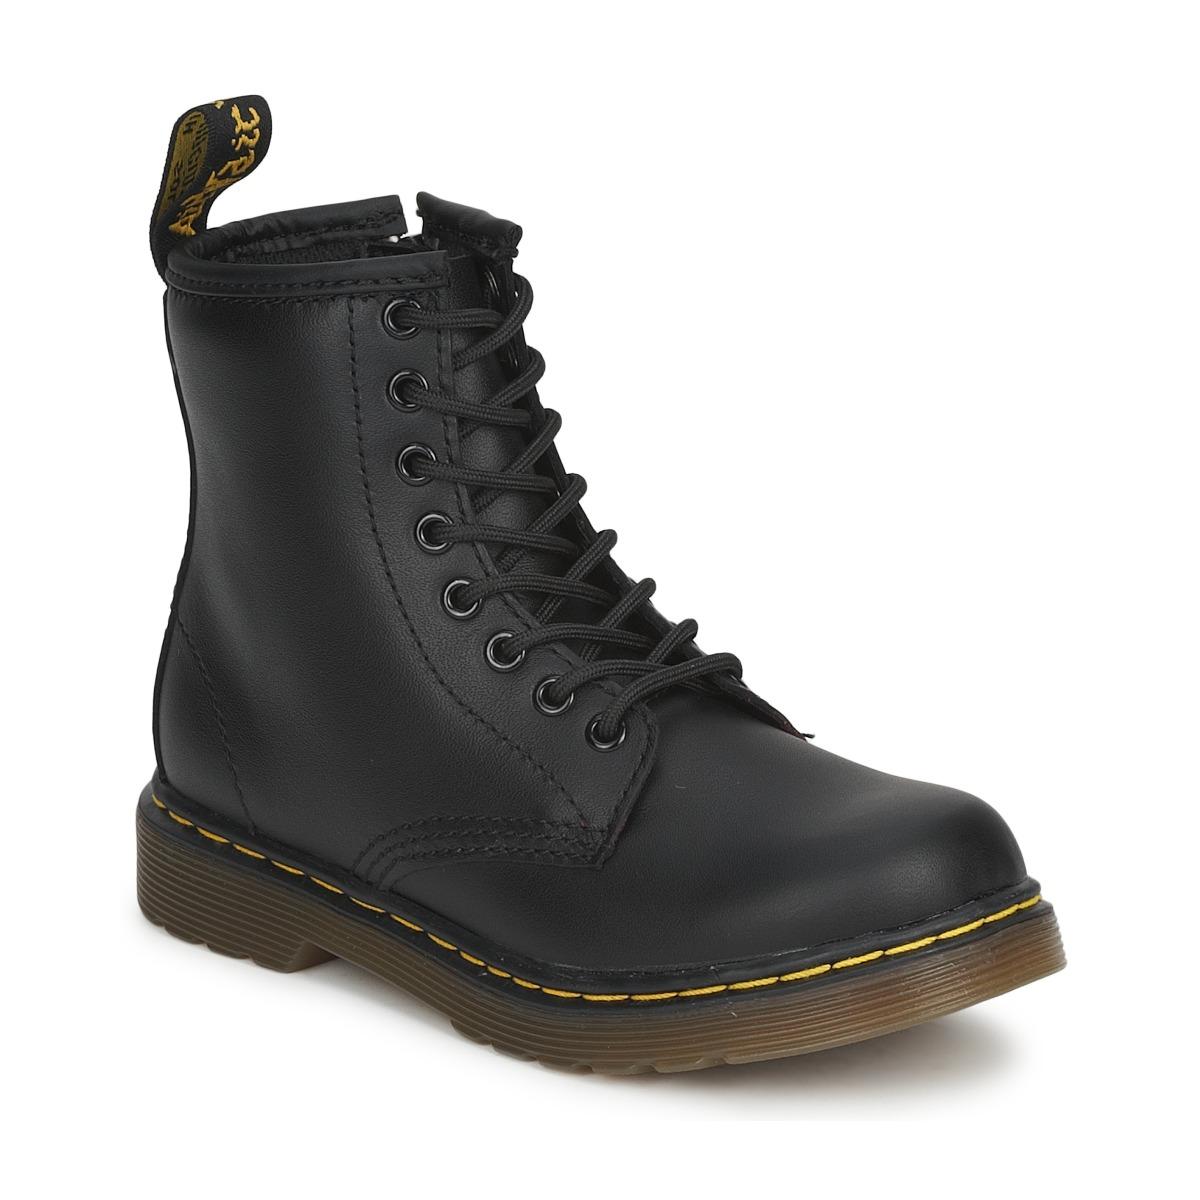 Støvler til børn Dr Martens  DM J BOOT